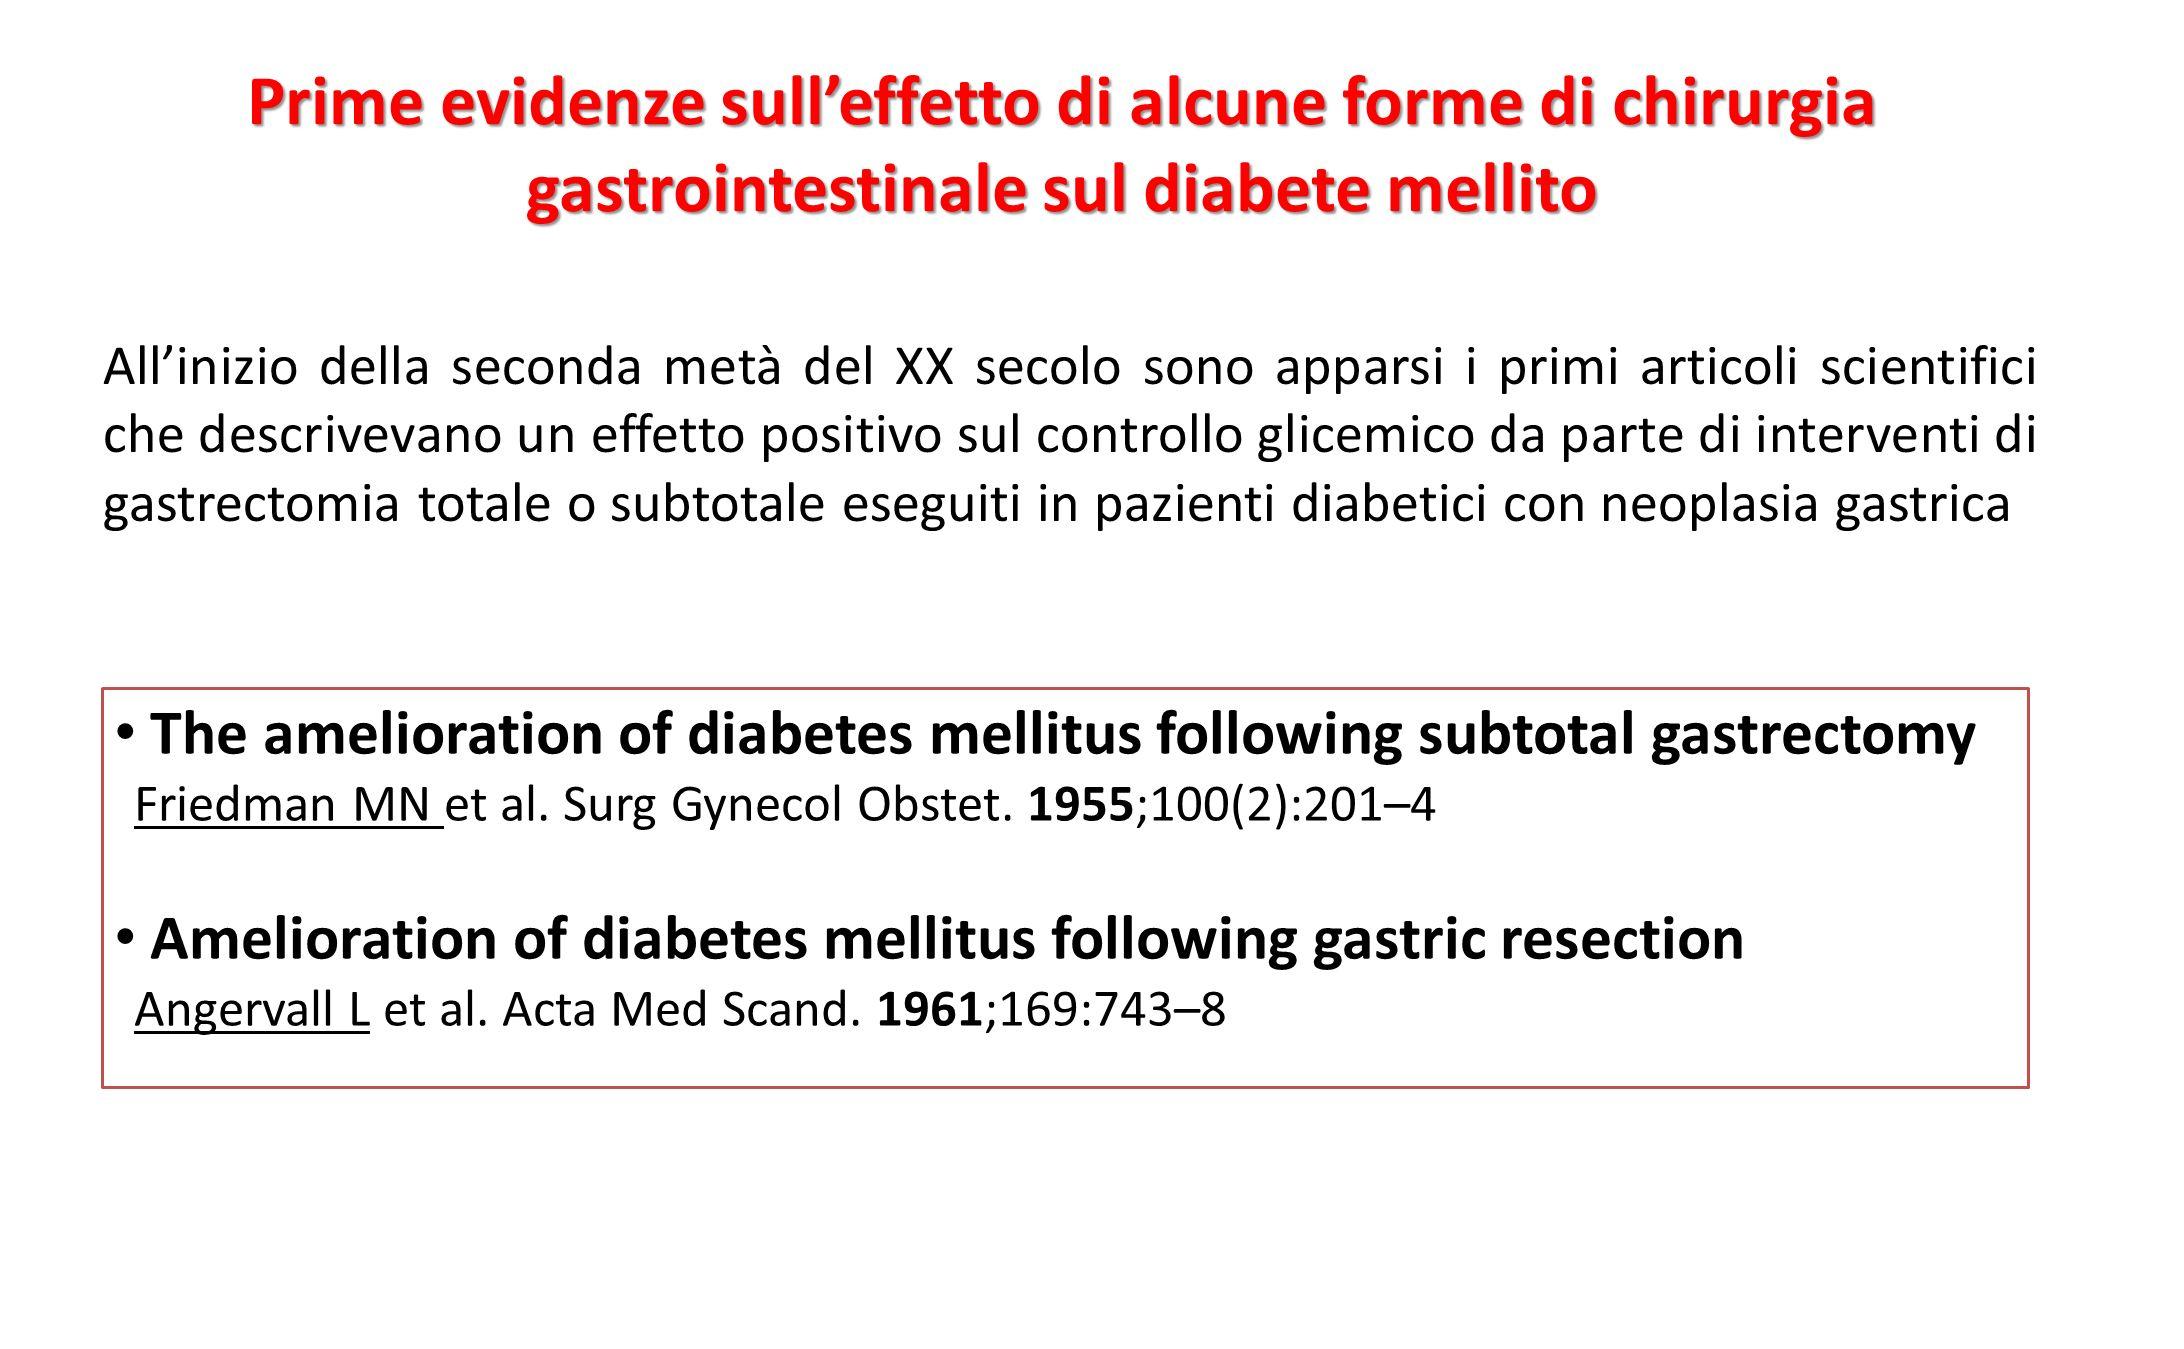 Prime evidenze sull'effetto di alcune forme di chirurgia gastrointestinale sul diabete mellito